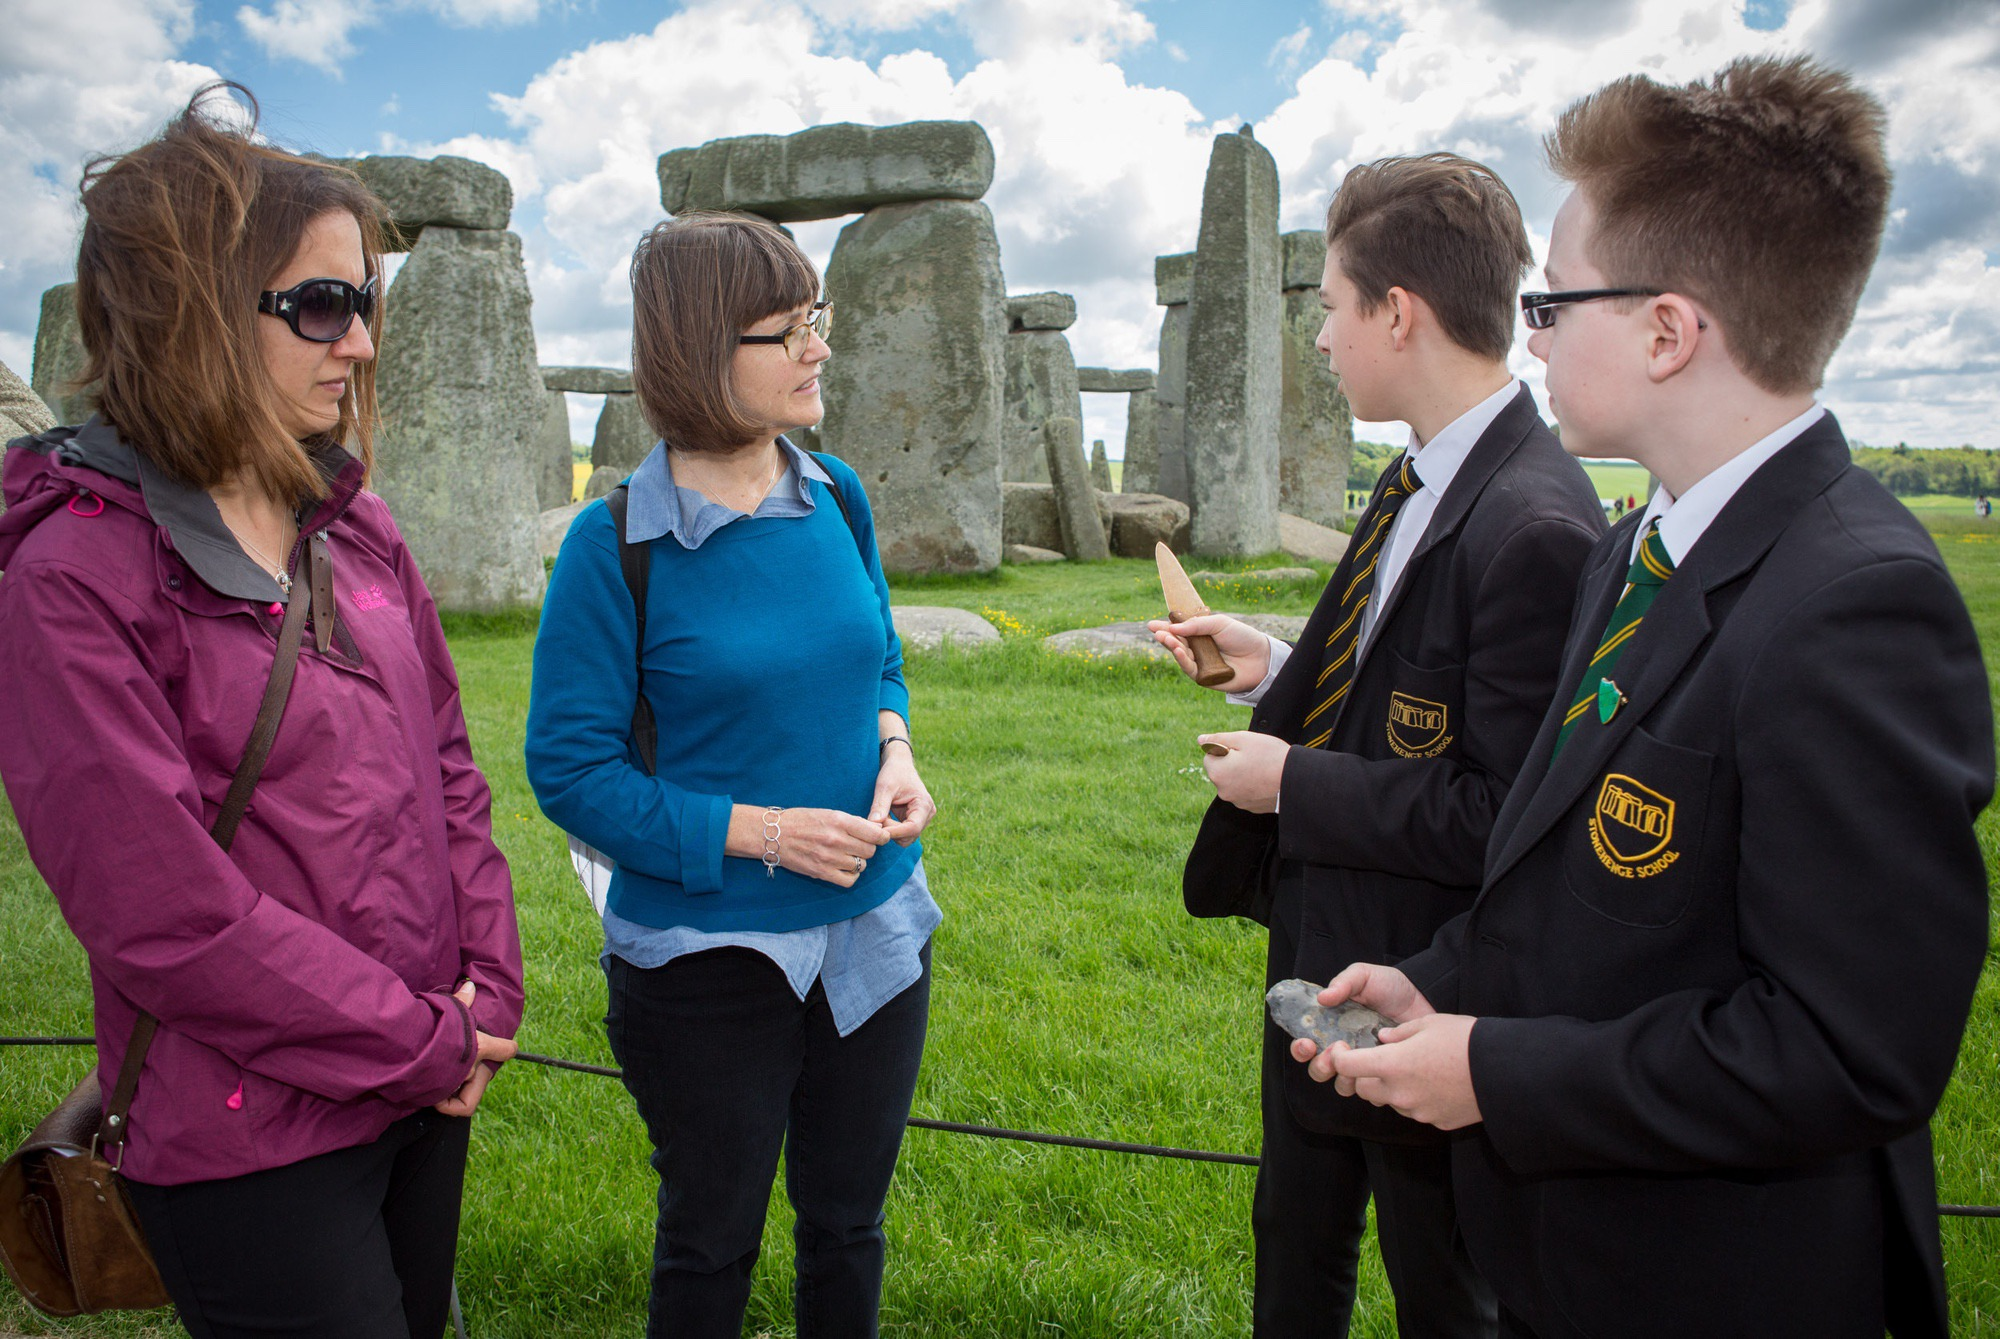 People next to Stonehenge